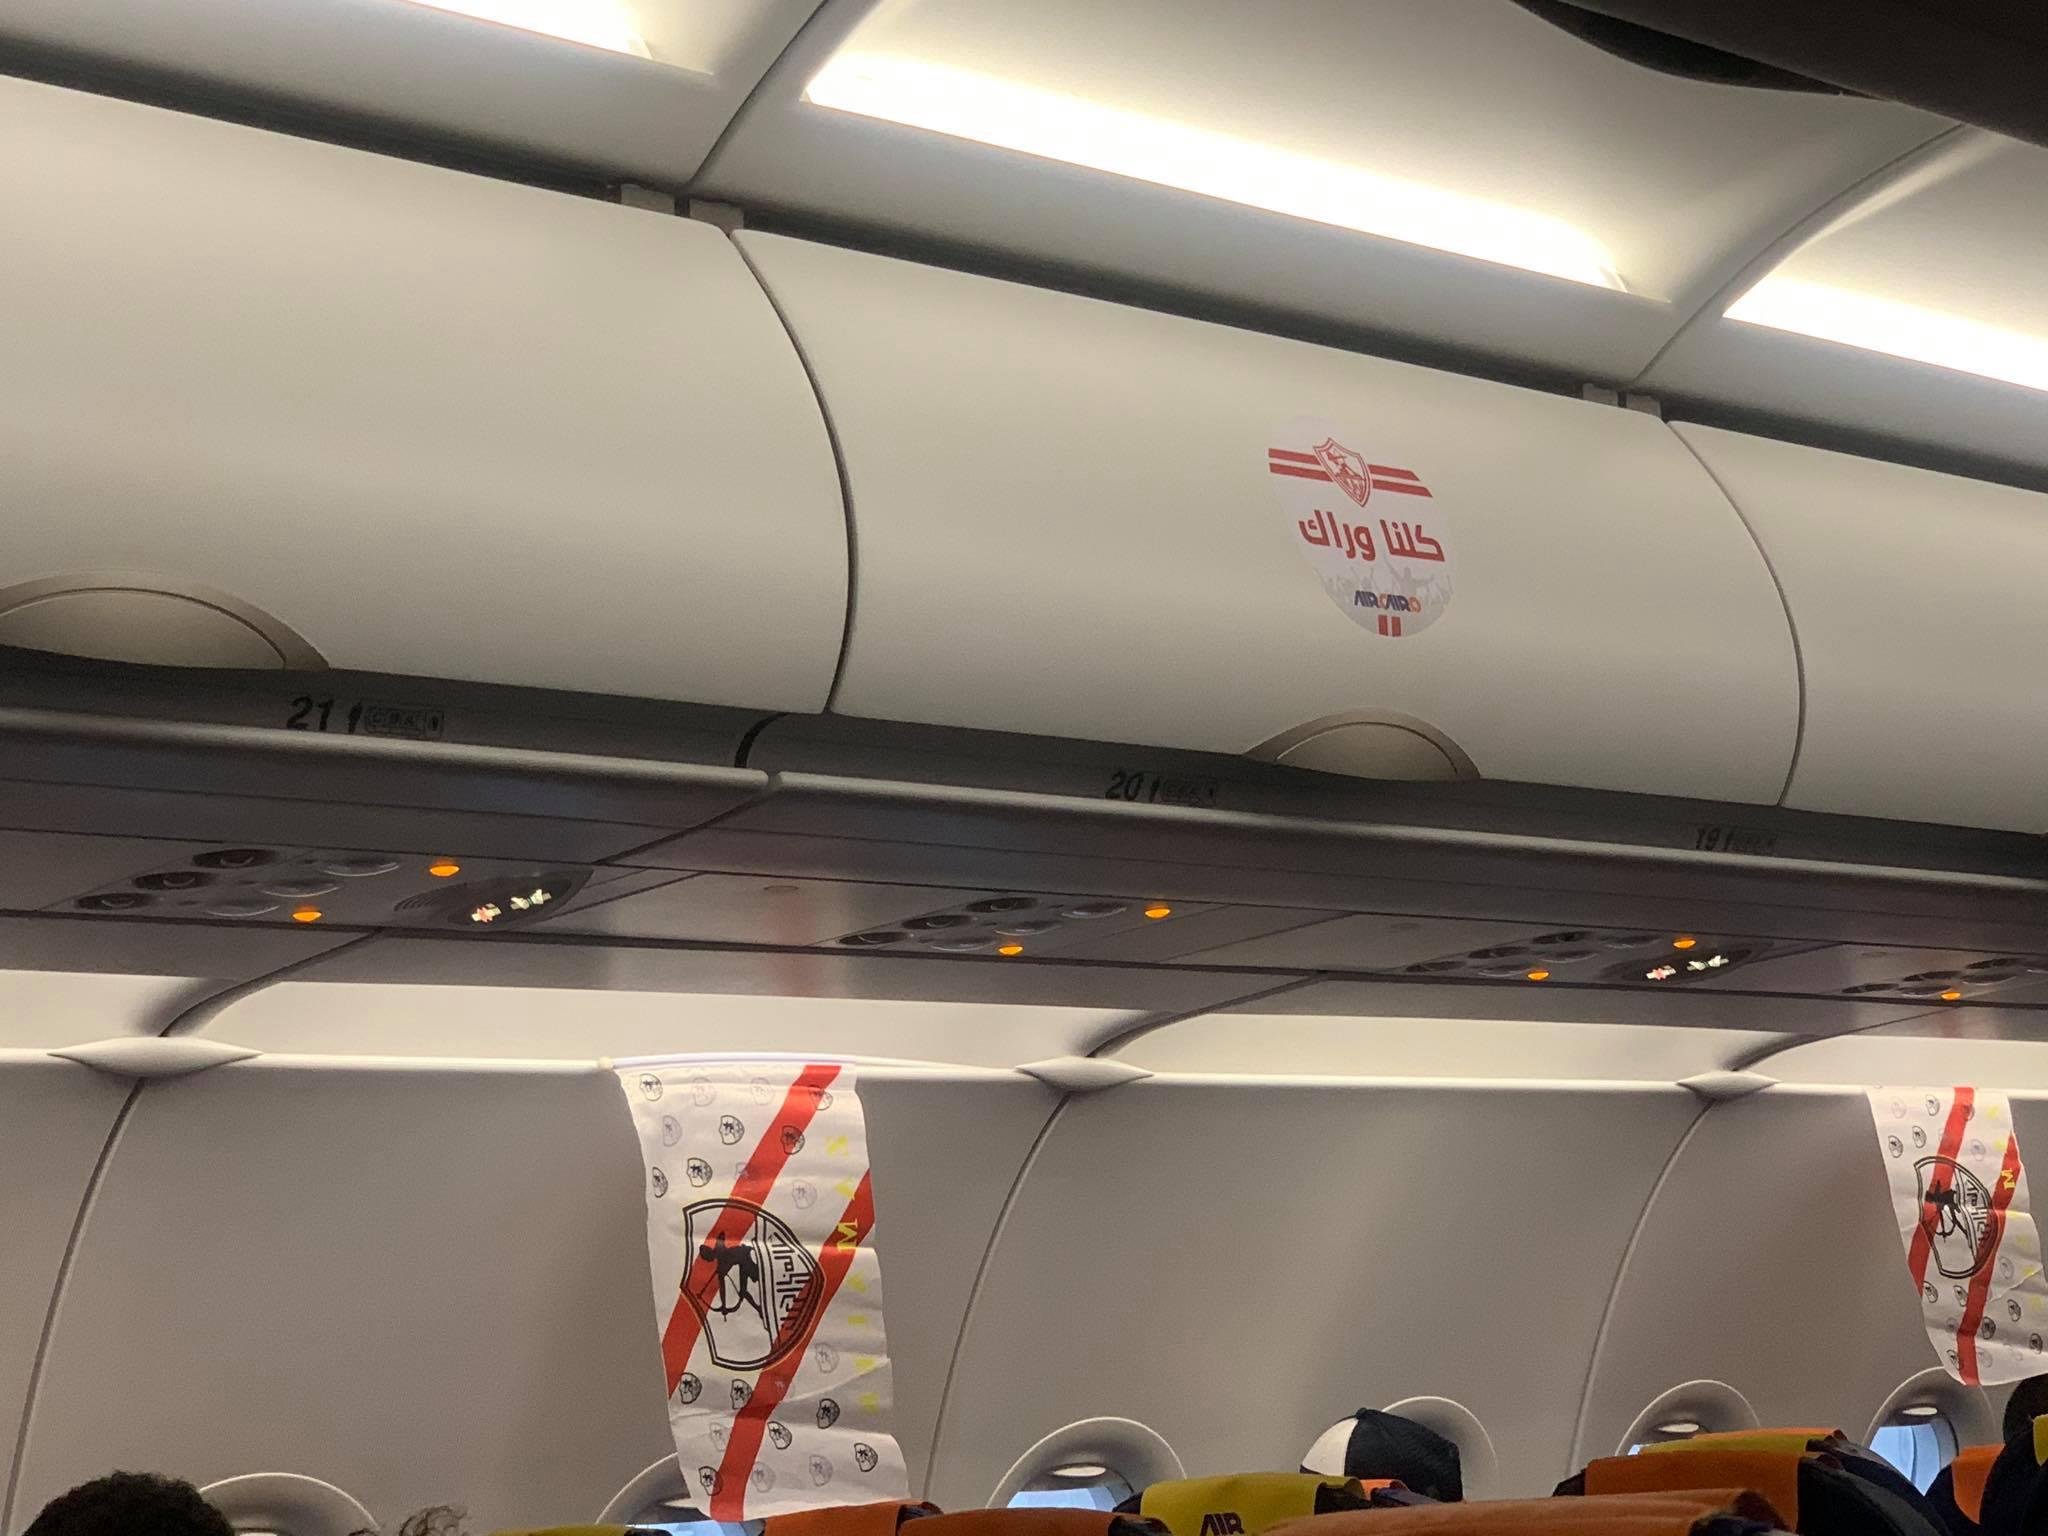 طائرة الزمالك من الداخل